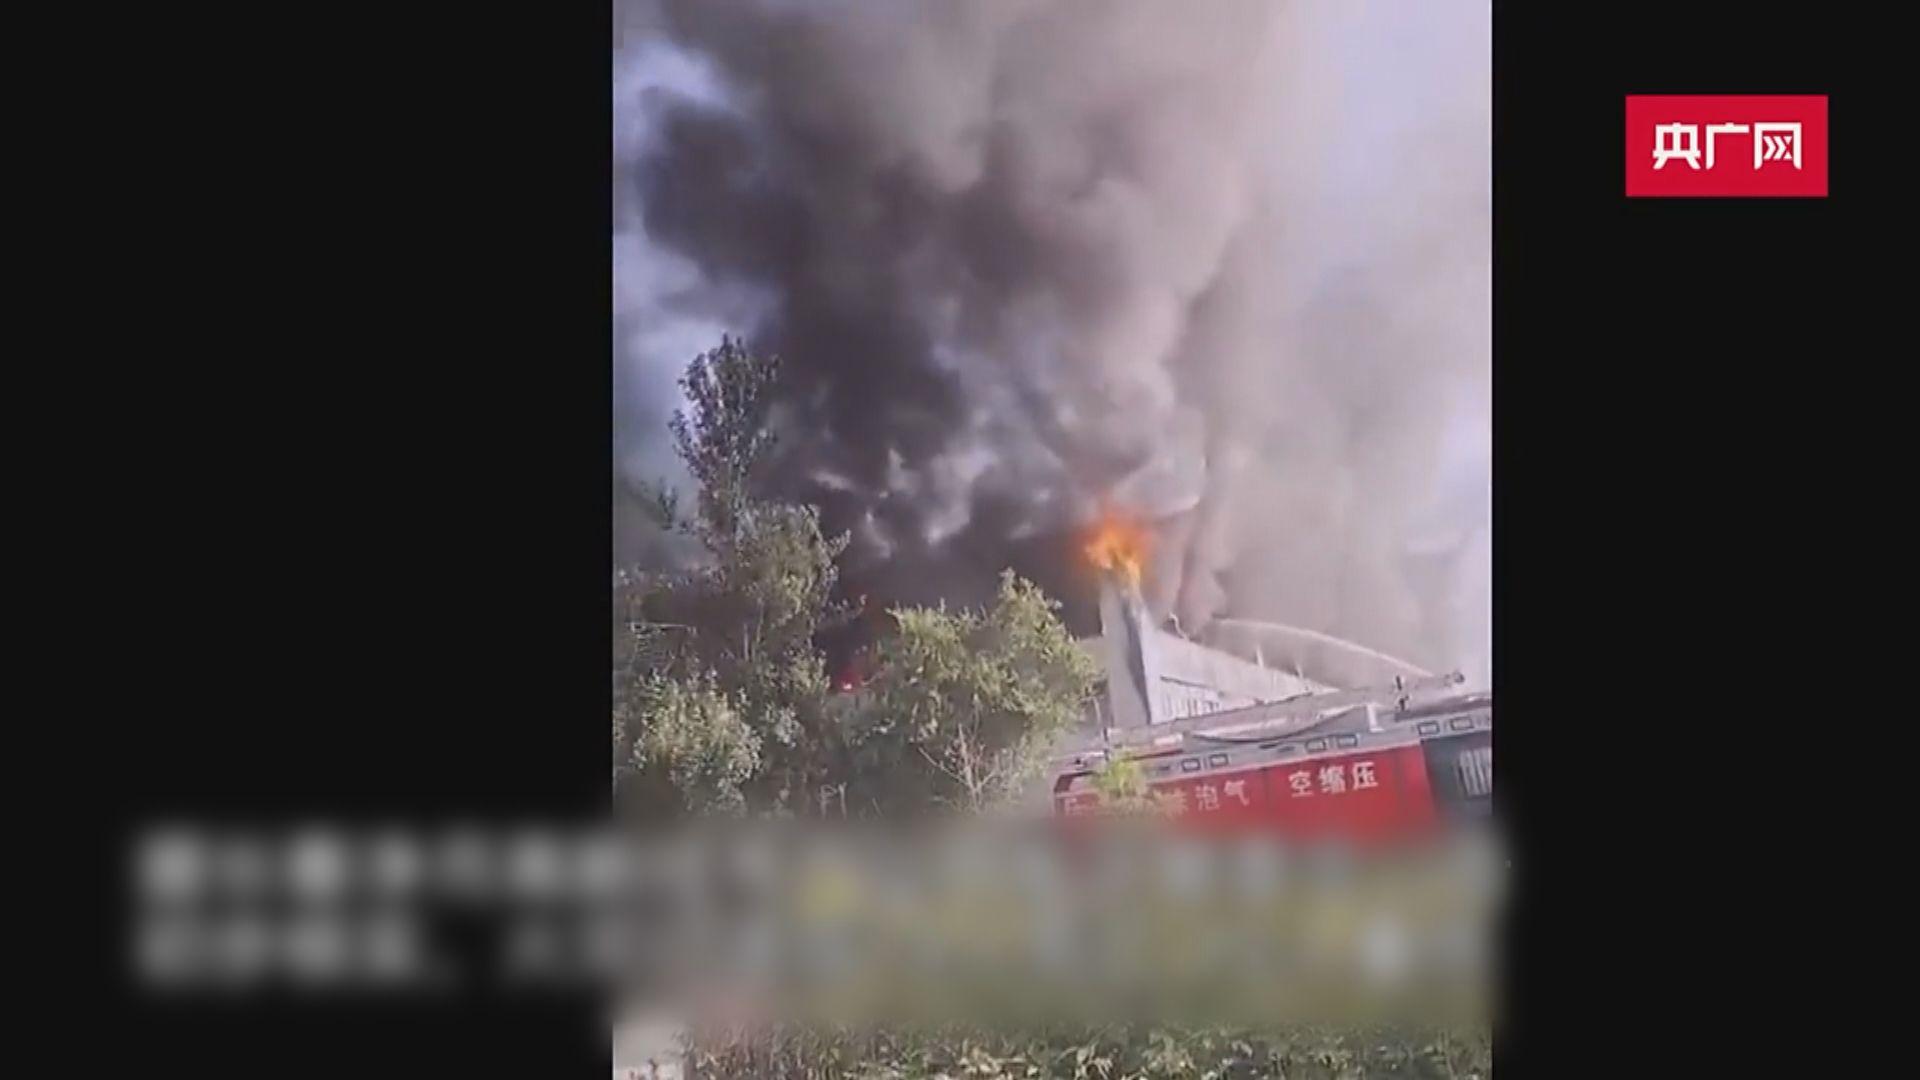 吉林長春物流倉火災 最少14死多人傷